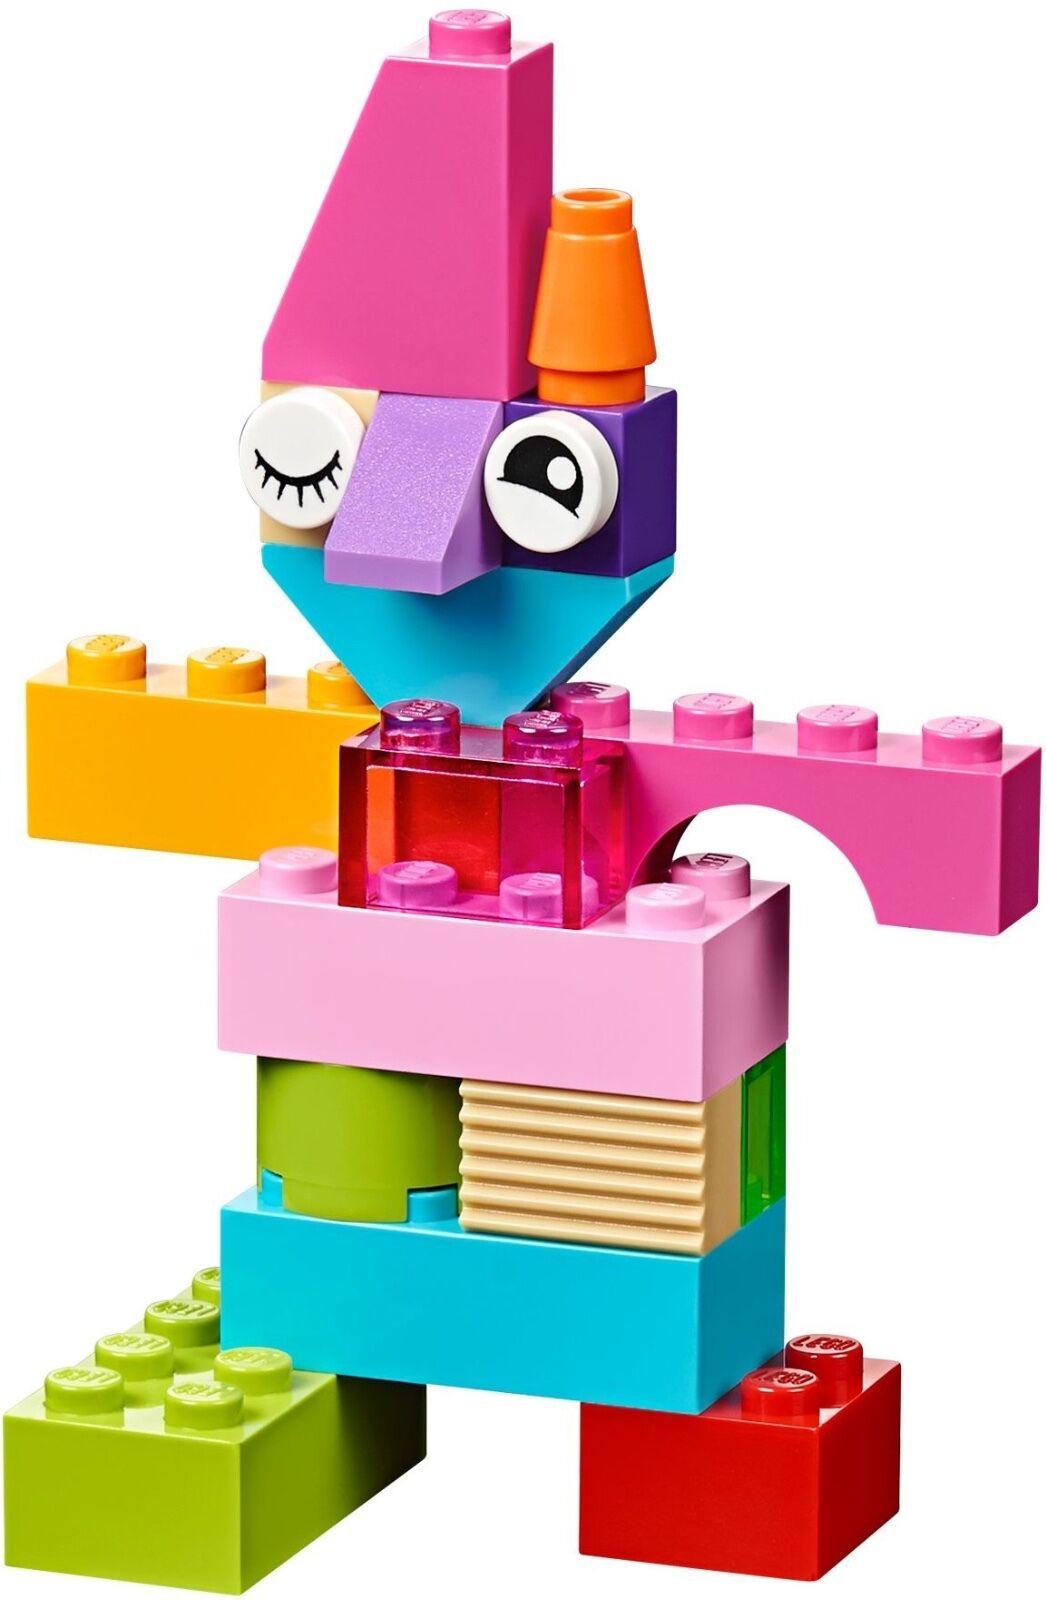 LEGO® Classic 10694 Baustein-Ergänzungsset Pastelltöne NEU OVP NEW MISB NRFB NRFB NRFB df6518